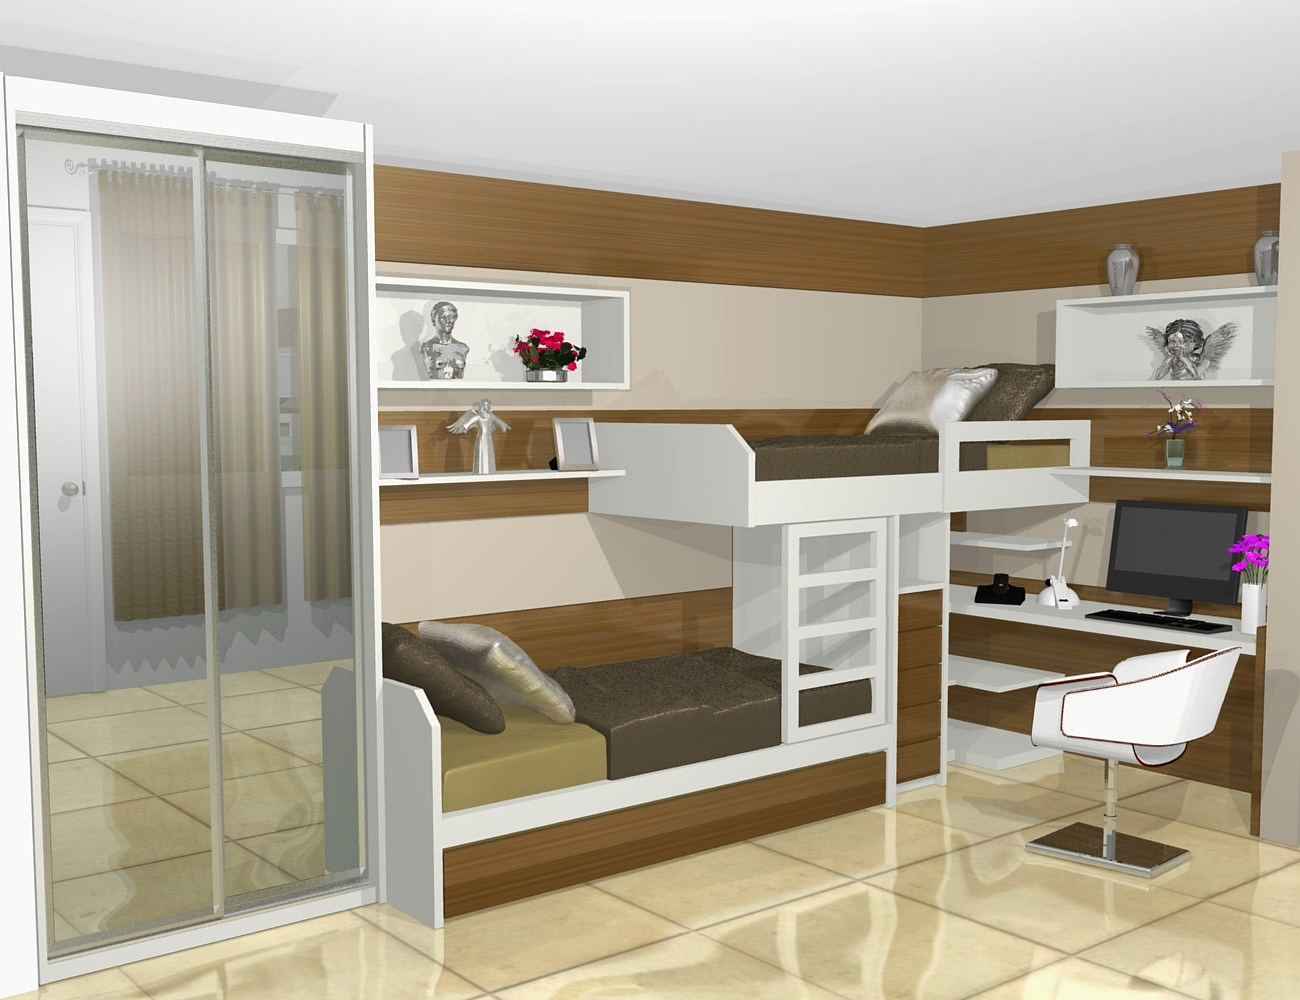 decoracao de interiores moveis planejados:PROJETOS (11) 3976 8616: DESIGN INTERIORES DESIGN MOVEIS PLANEJADOS